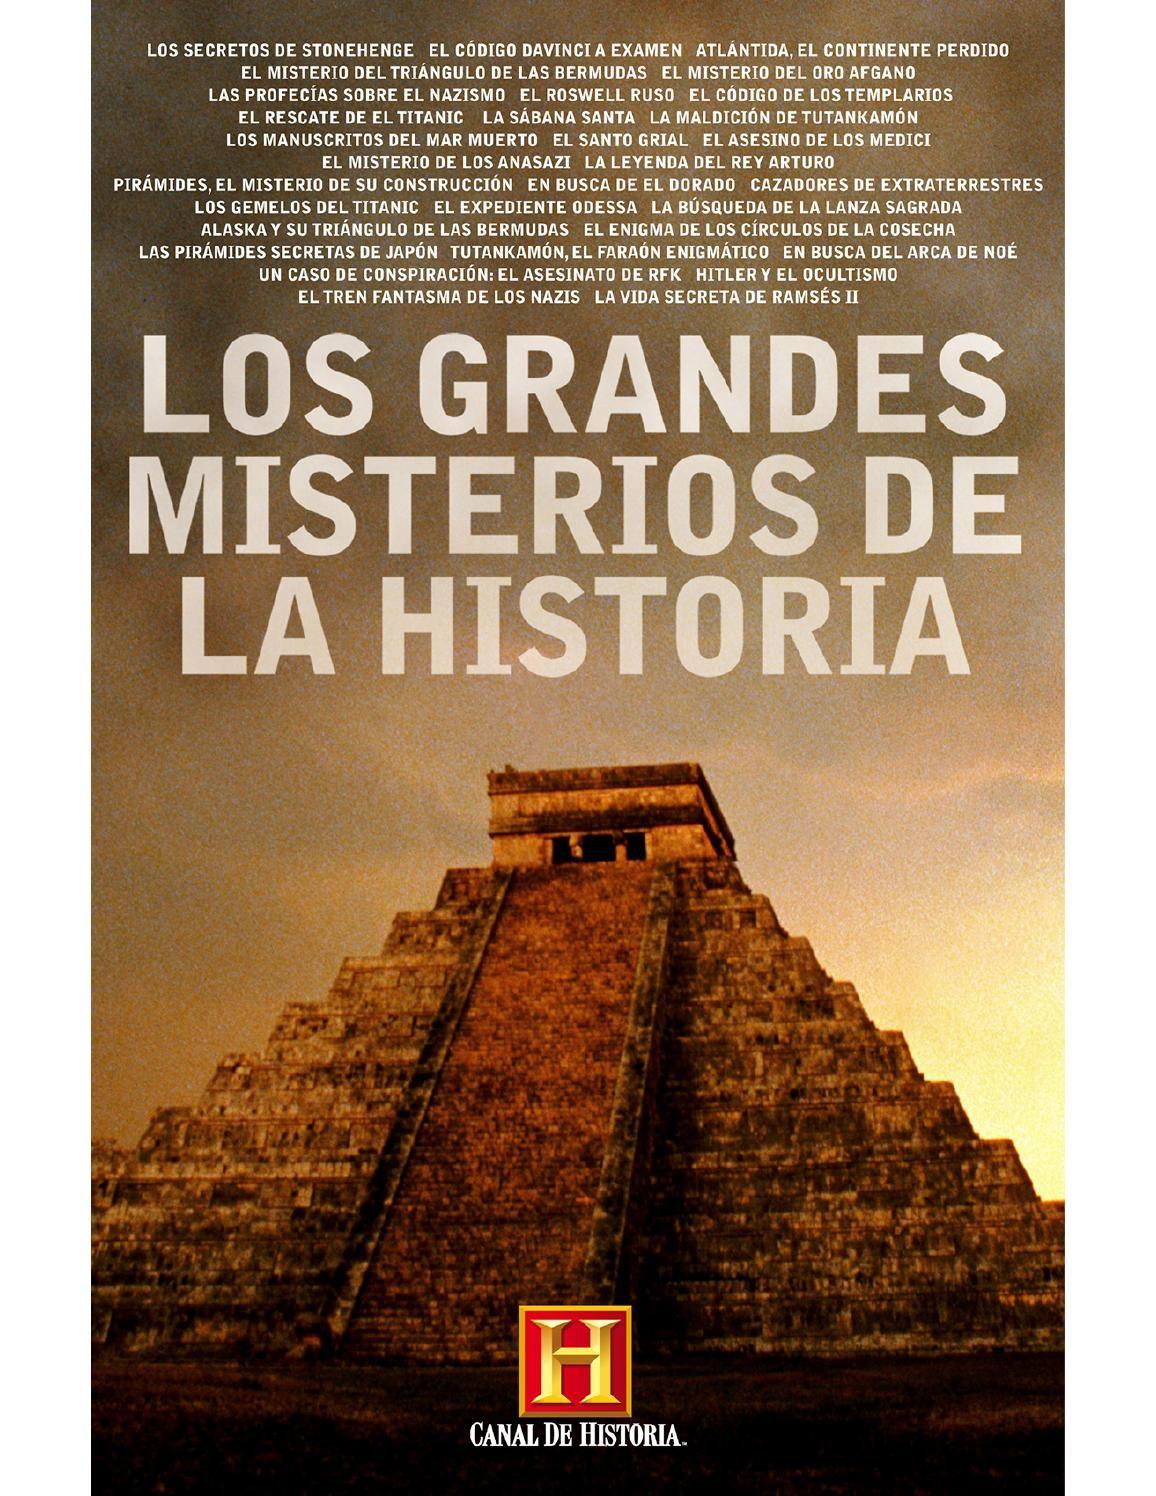 Los Grandes Misterios De La Historia Historia Enigmas Y Misterios History Channel